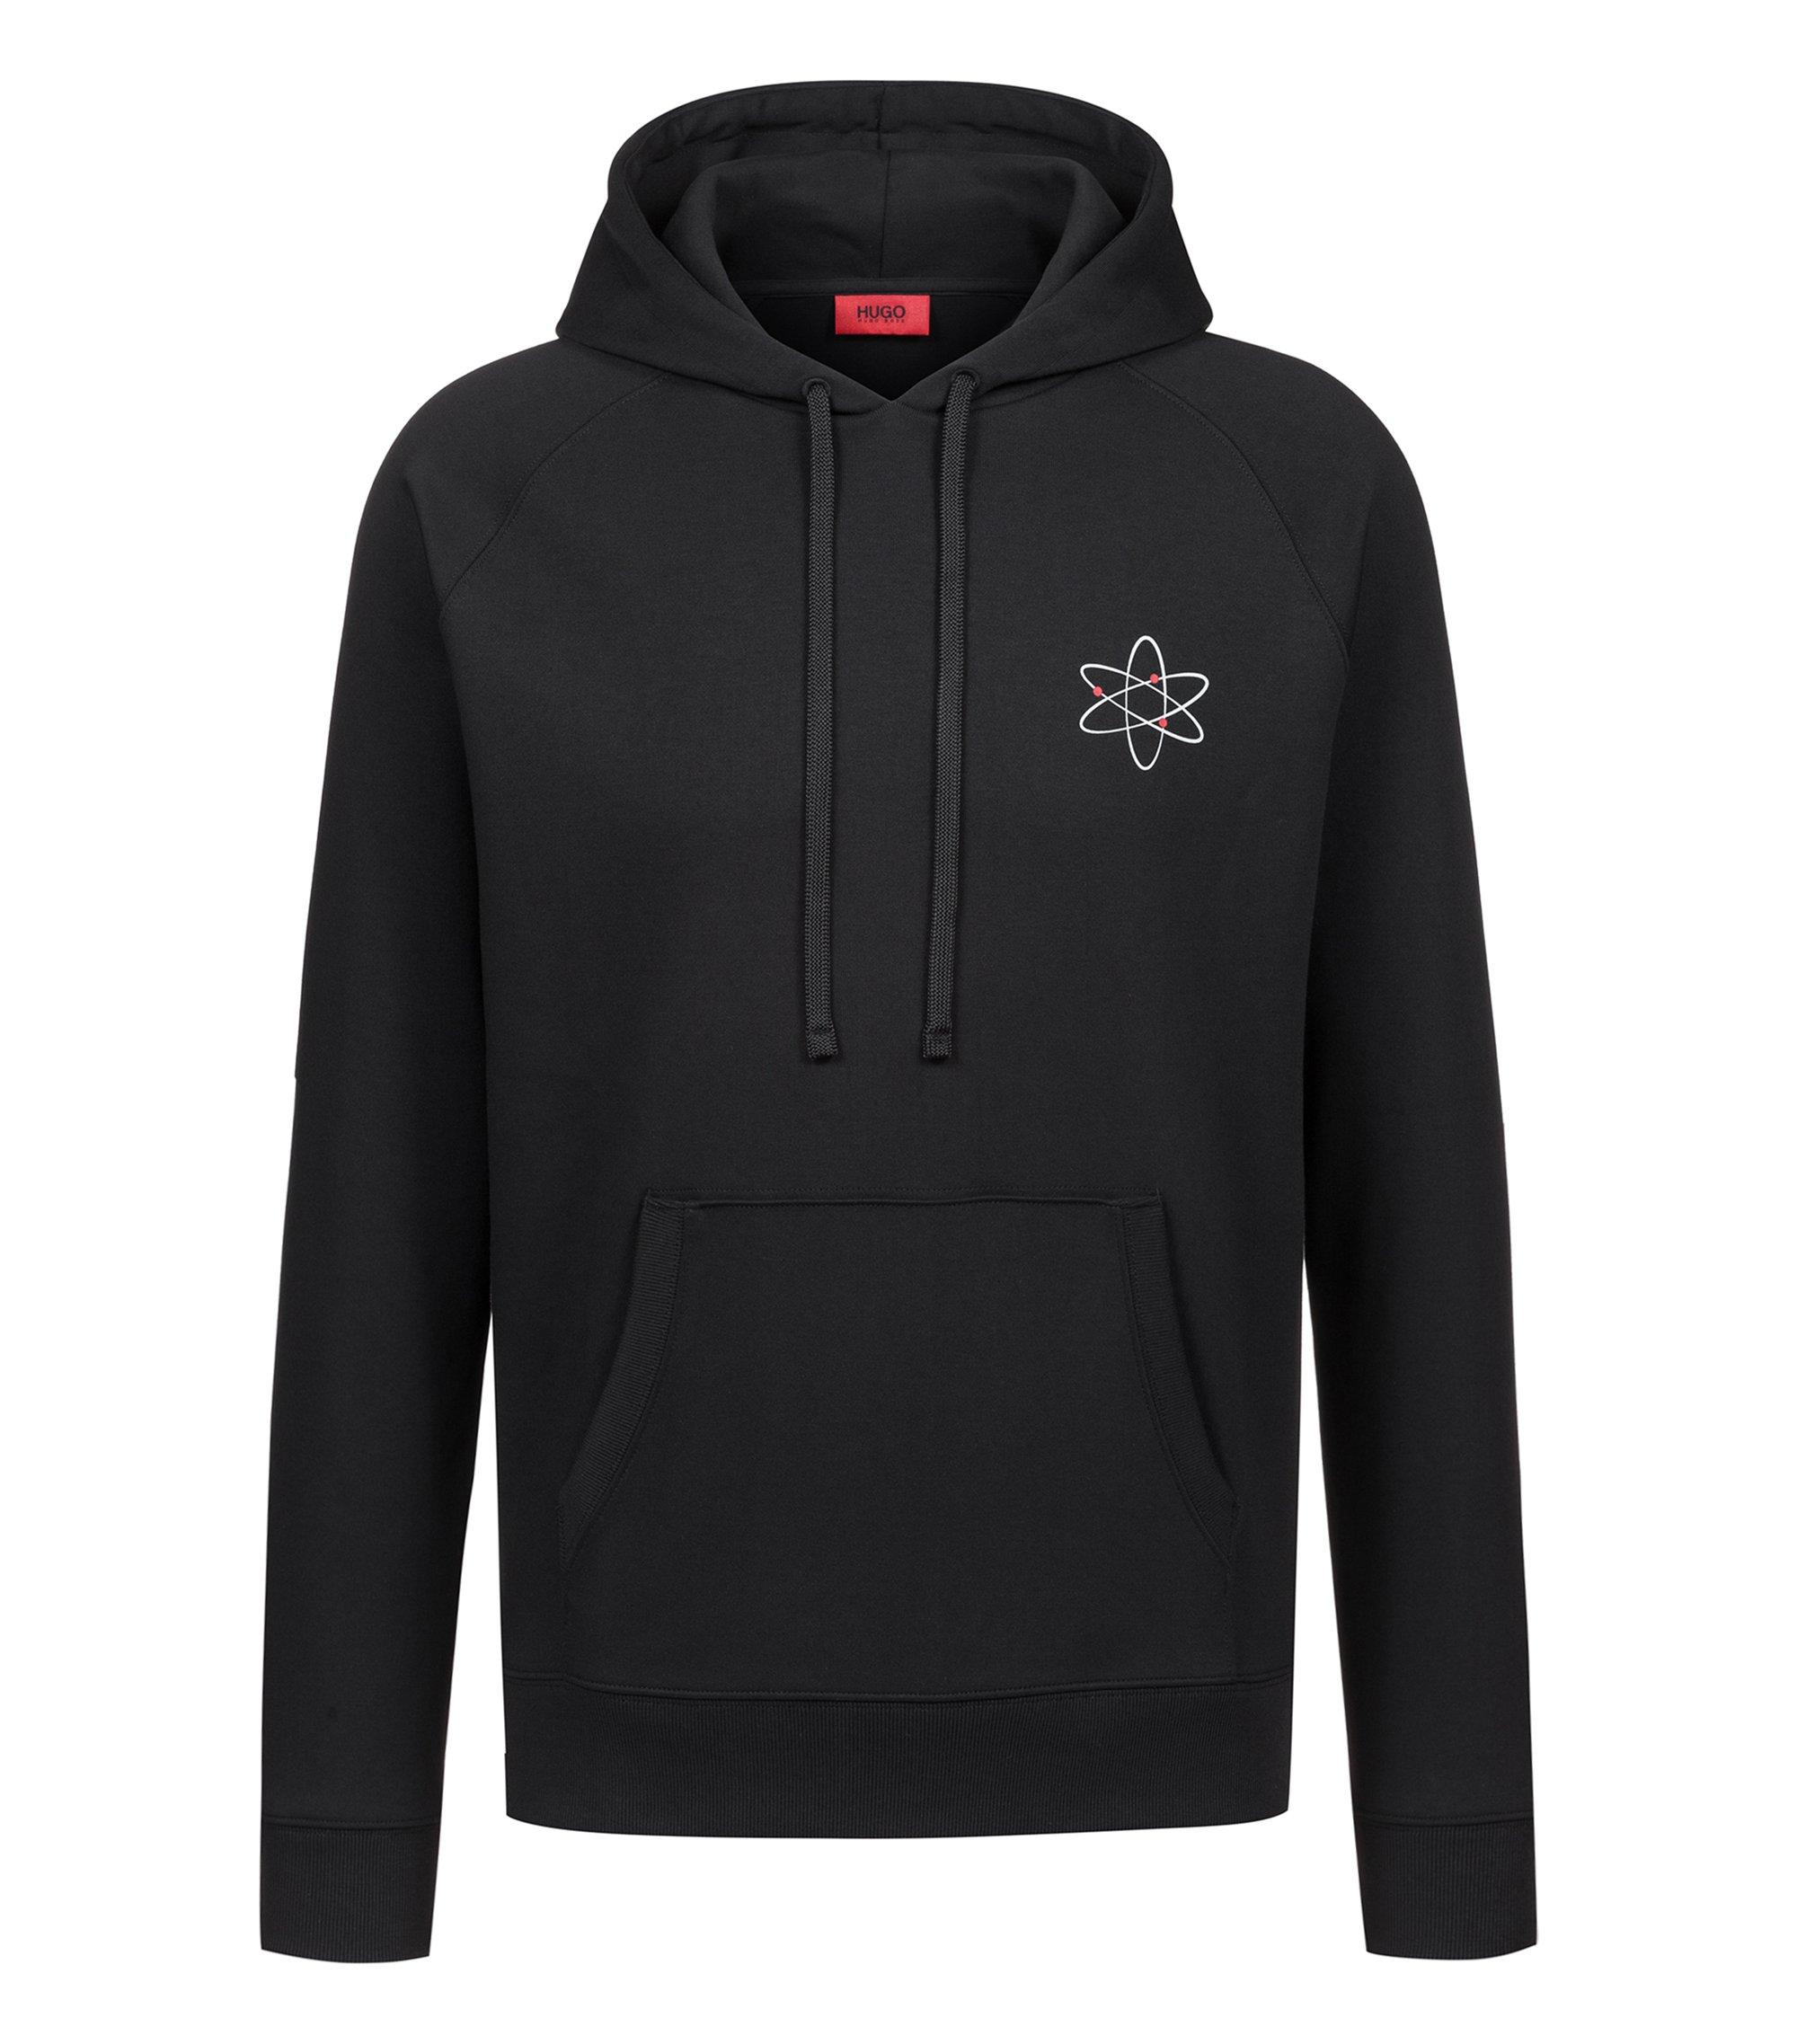 Sudadera con capucha oversized fit con estampado de átomo y logo invertido, Negro